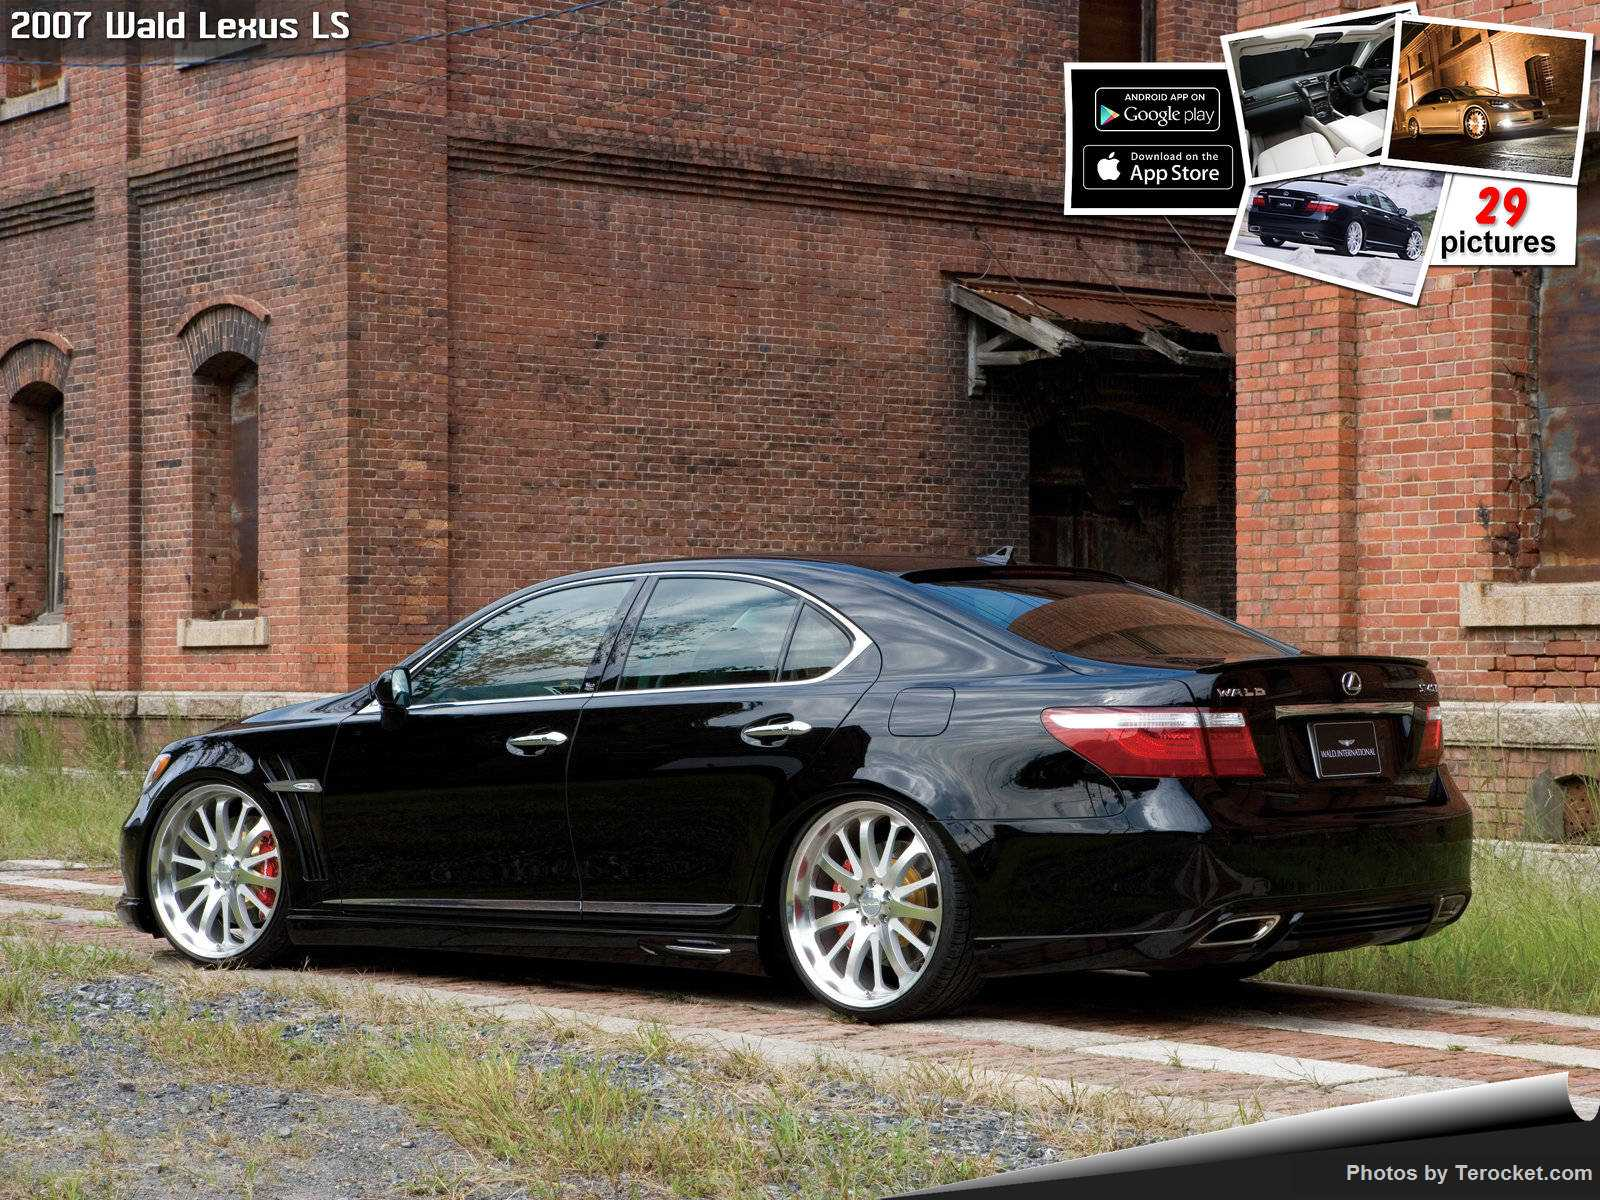 Hình ảnh xe độ Wald Lexus LS 2007 & nội ngoại thất